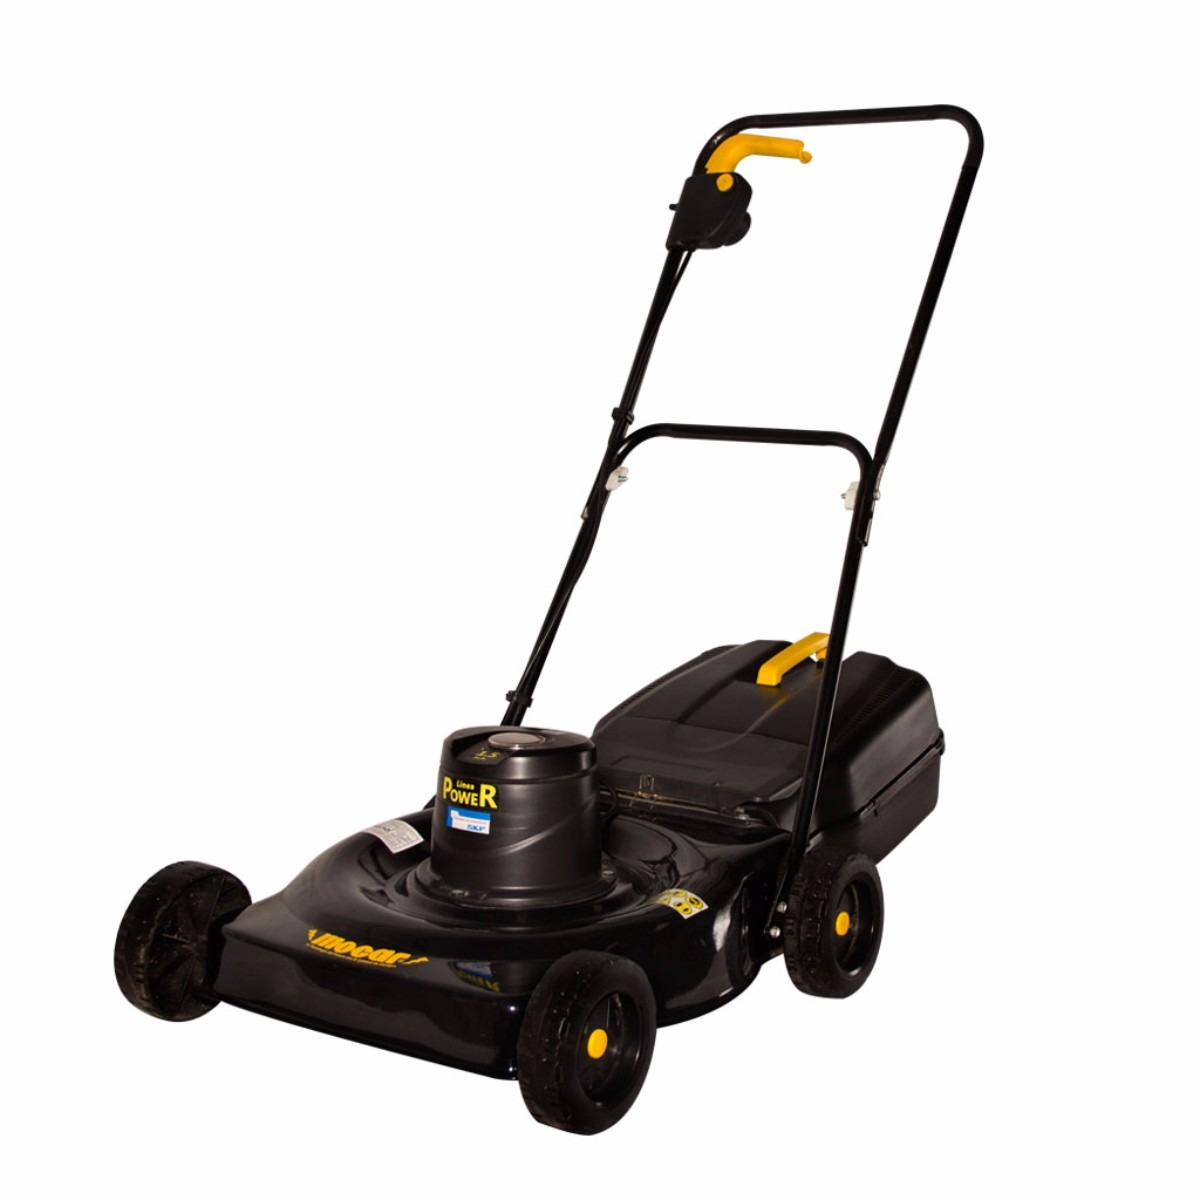 Cortadora eléctrica PoweR Mocar R510 1,5hp